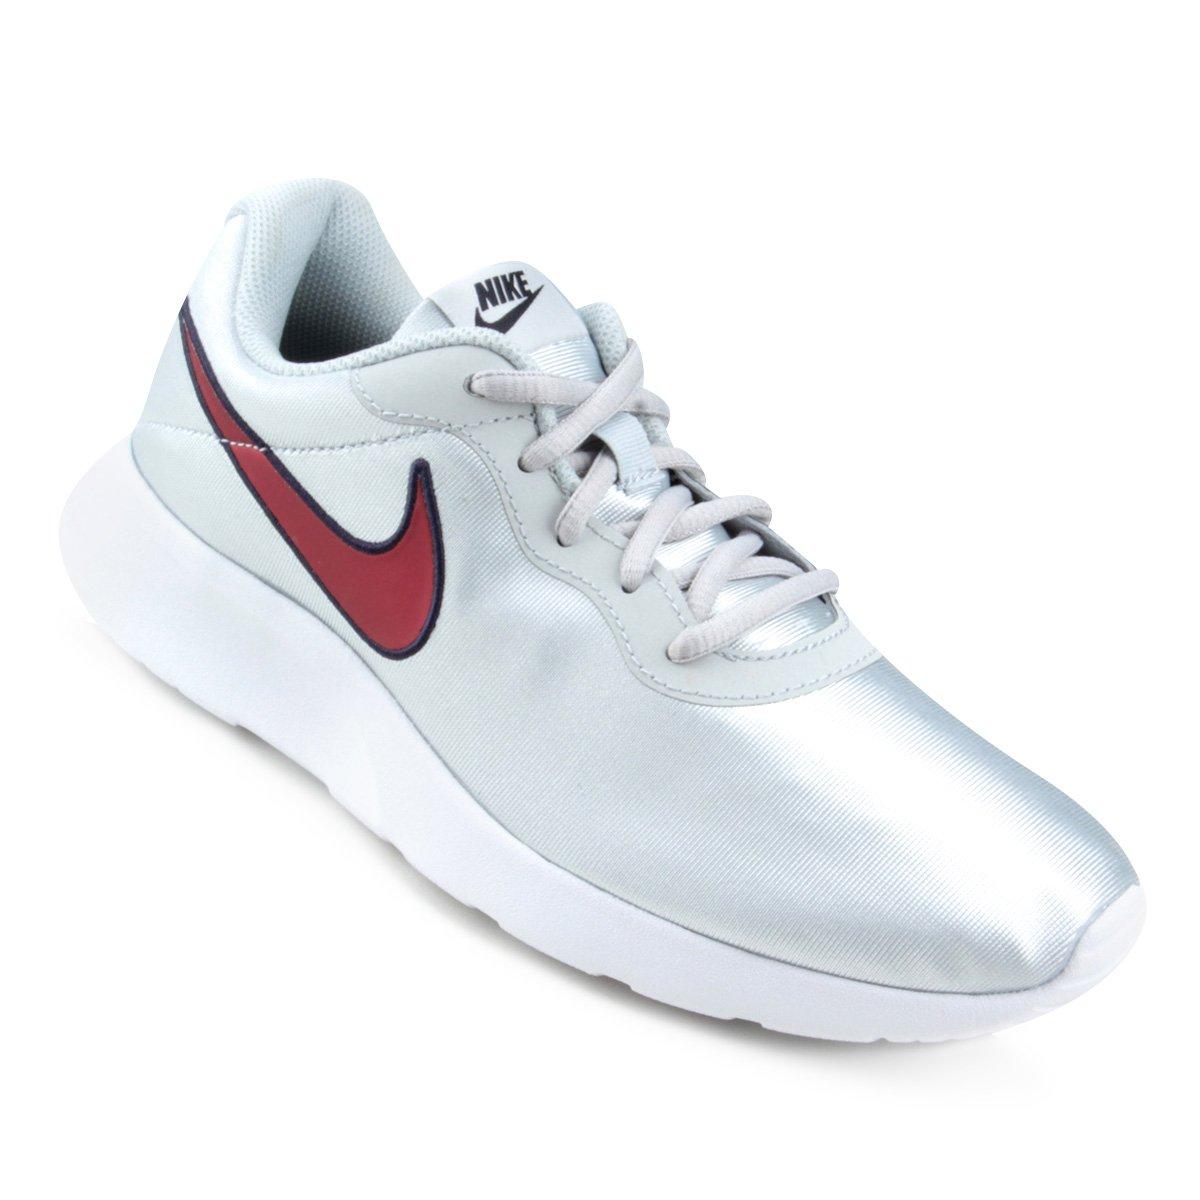 499c15305484f Tênis Nike Tanjun Se Feminino - Prata e Vermelho - Compre Agora ...